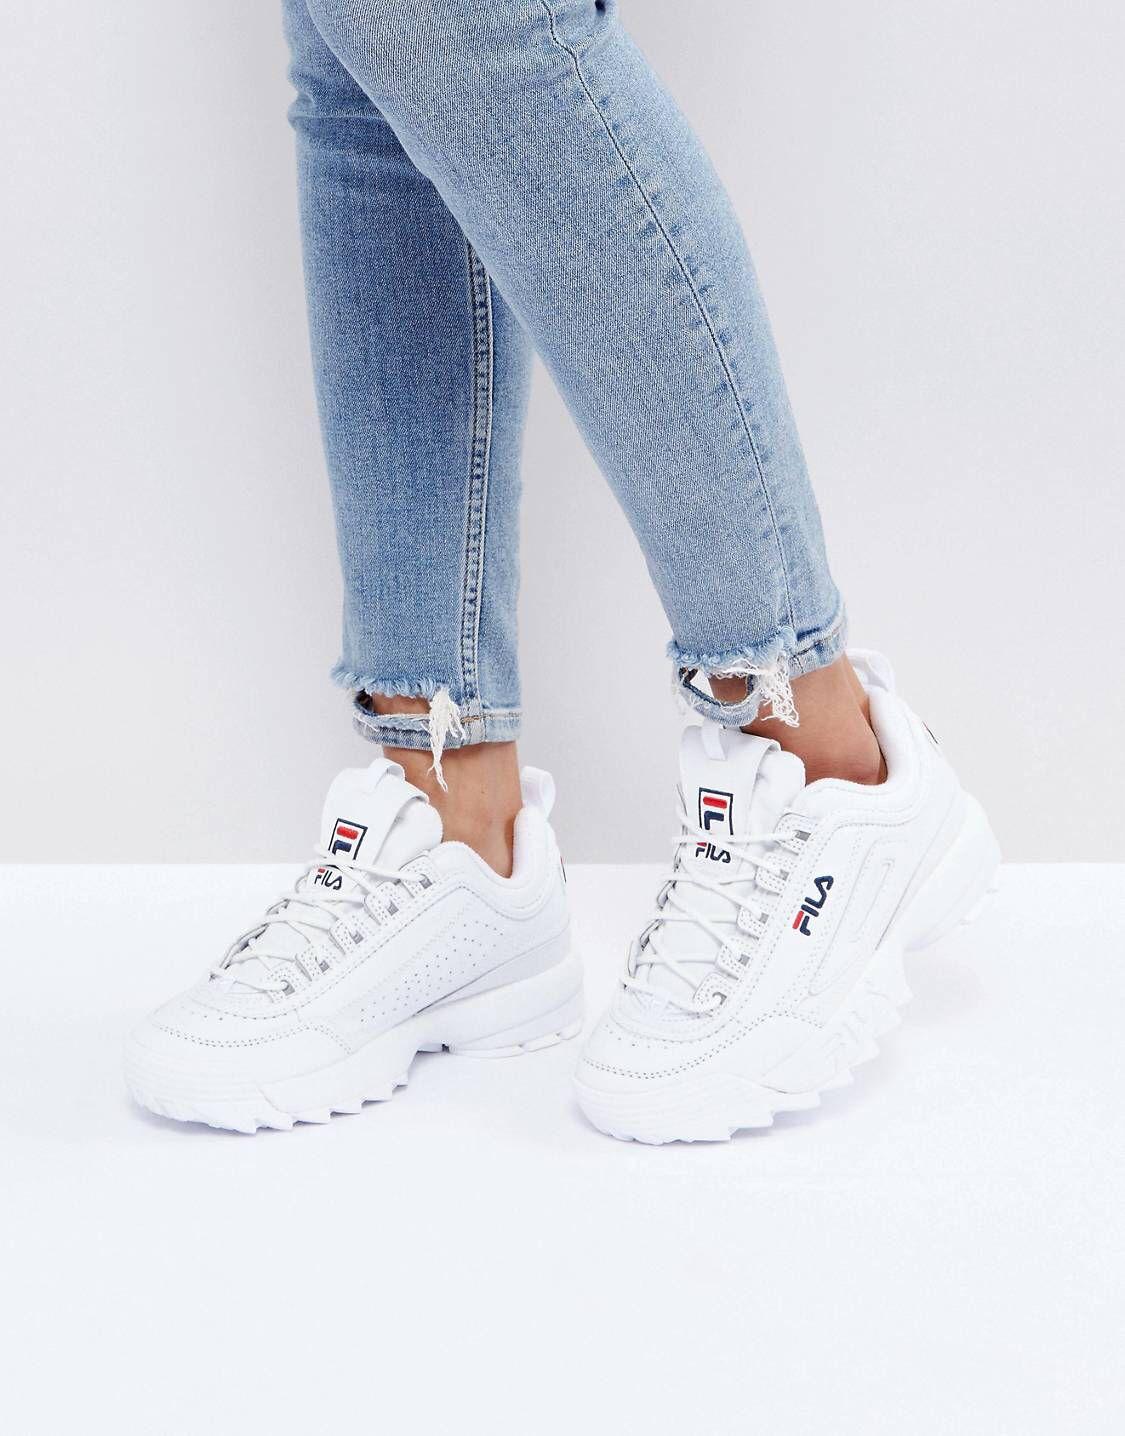 reputable site 13a79 4a9b7 Спортивная Одежда Найк, Adidas Originals, Обувь, Наряды,